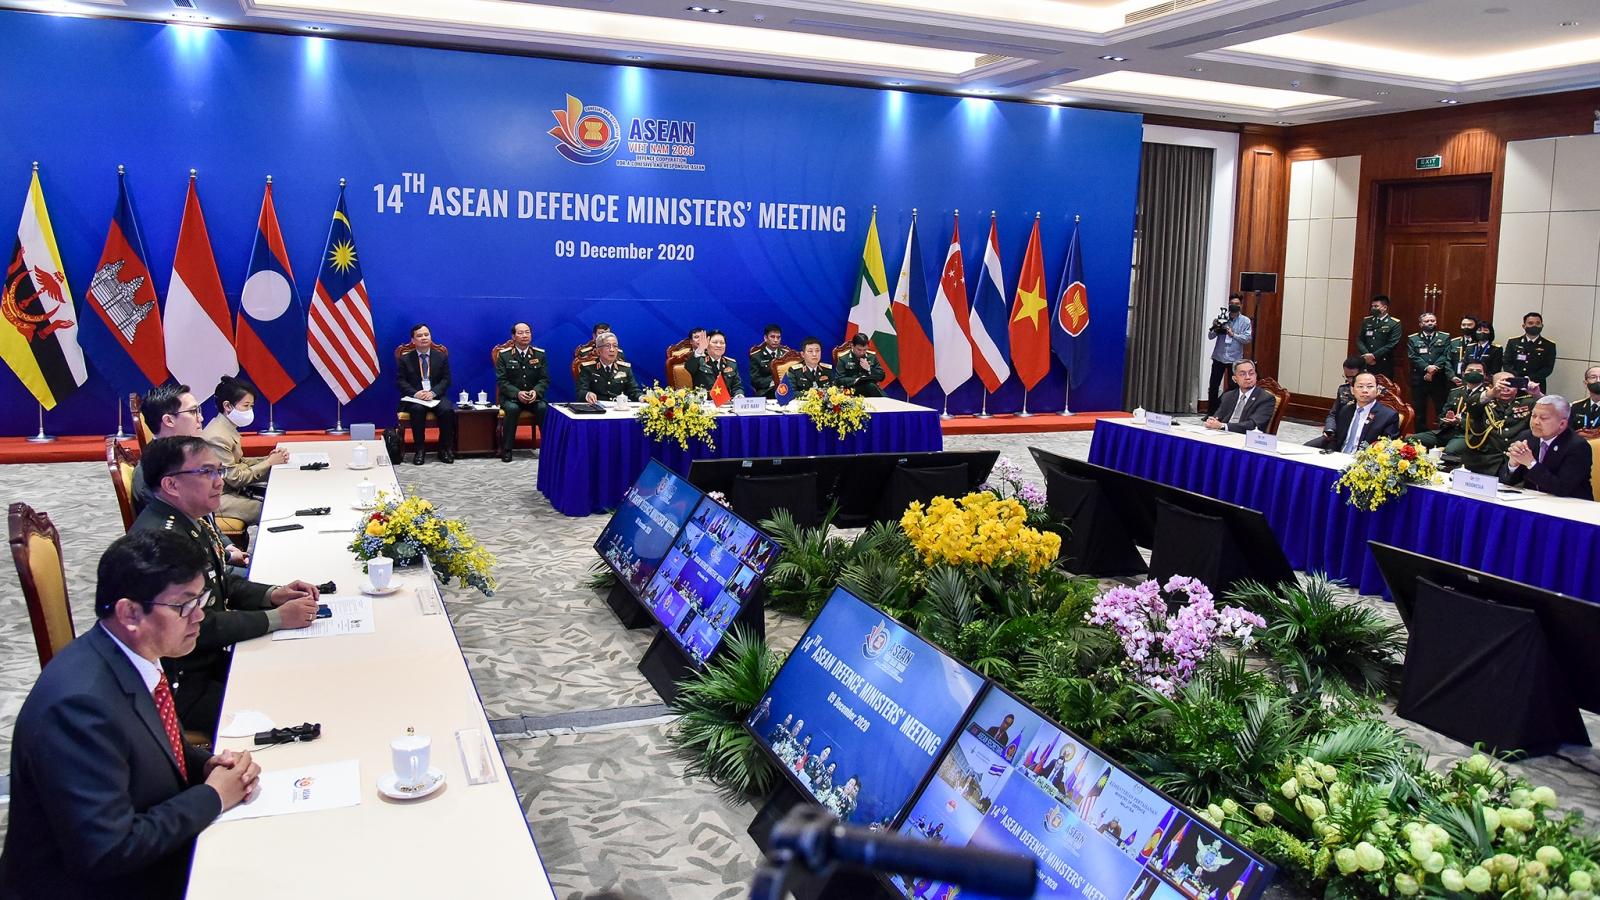 Bộ trưởng Quốc phòng ASEAN cam kết duy trì trật tự khu vực dựa trên luật pháp quốc tế